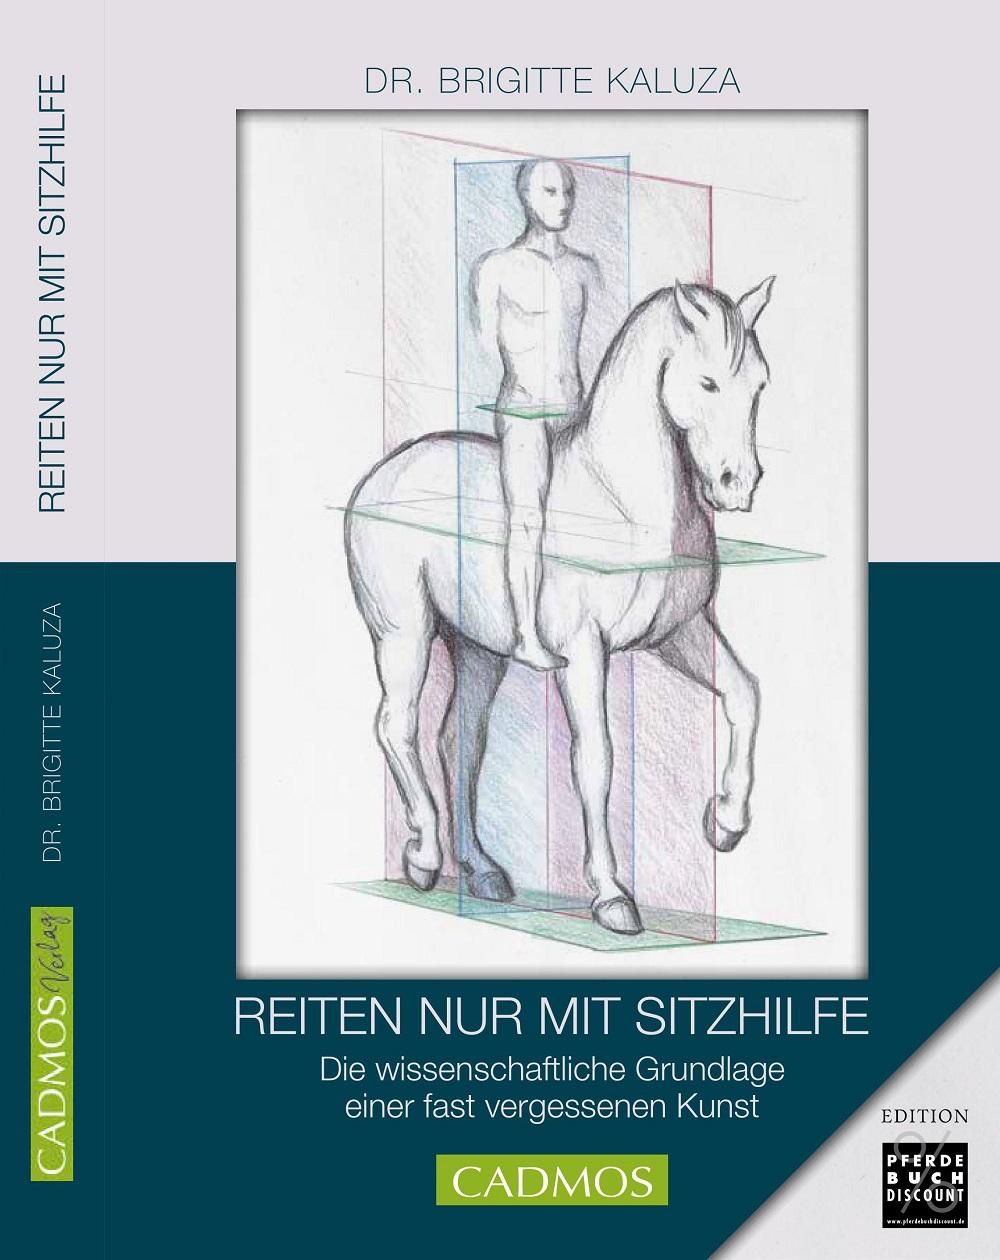 Dr. Brigitte Kaluza - Reiten nur mit Sitzhilfe - Edition Pferdebuchdiscount